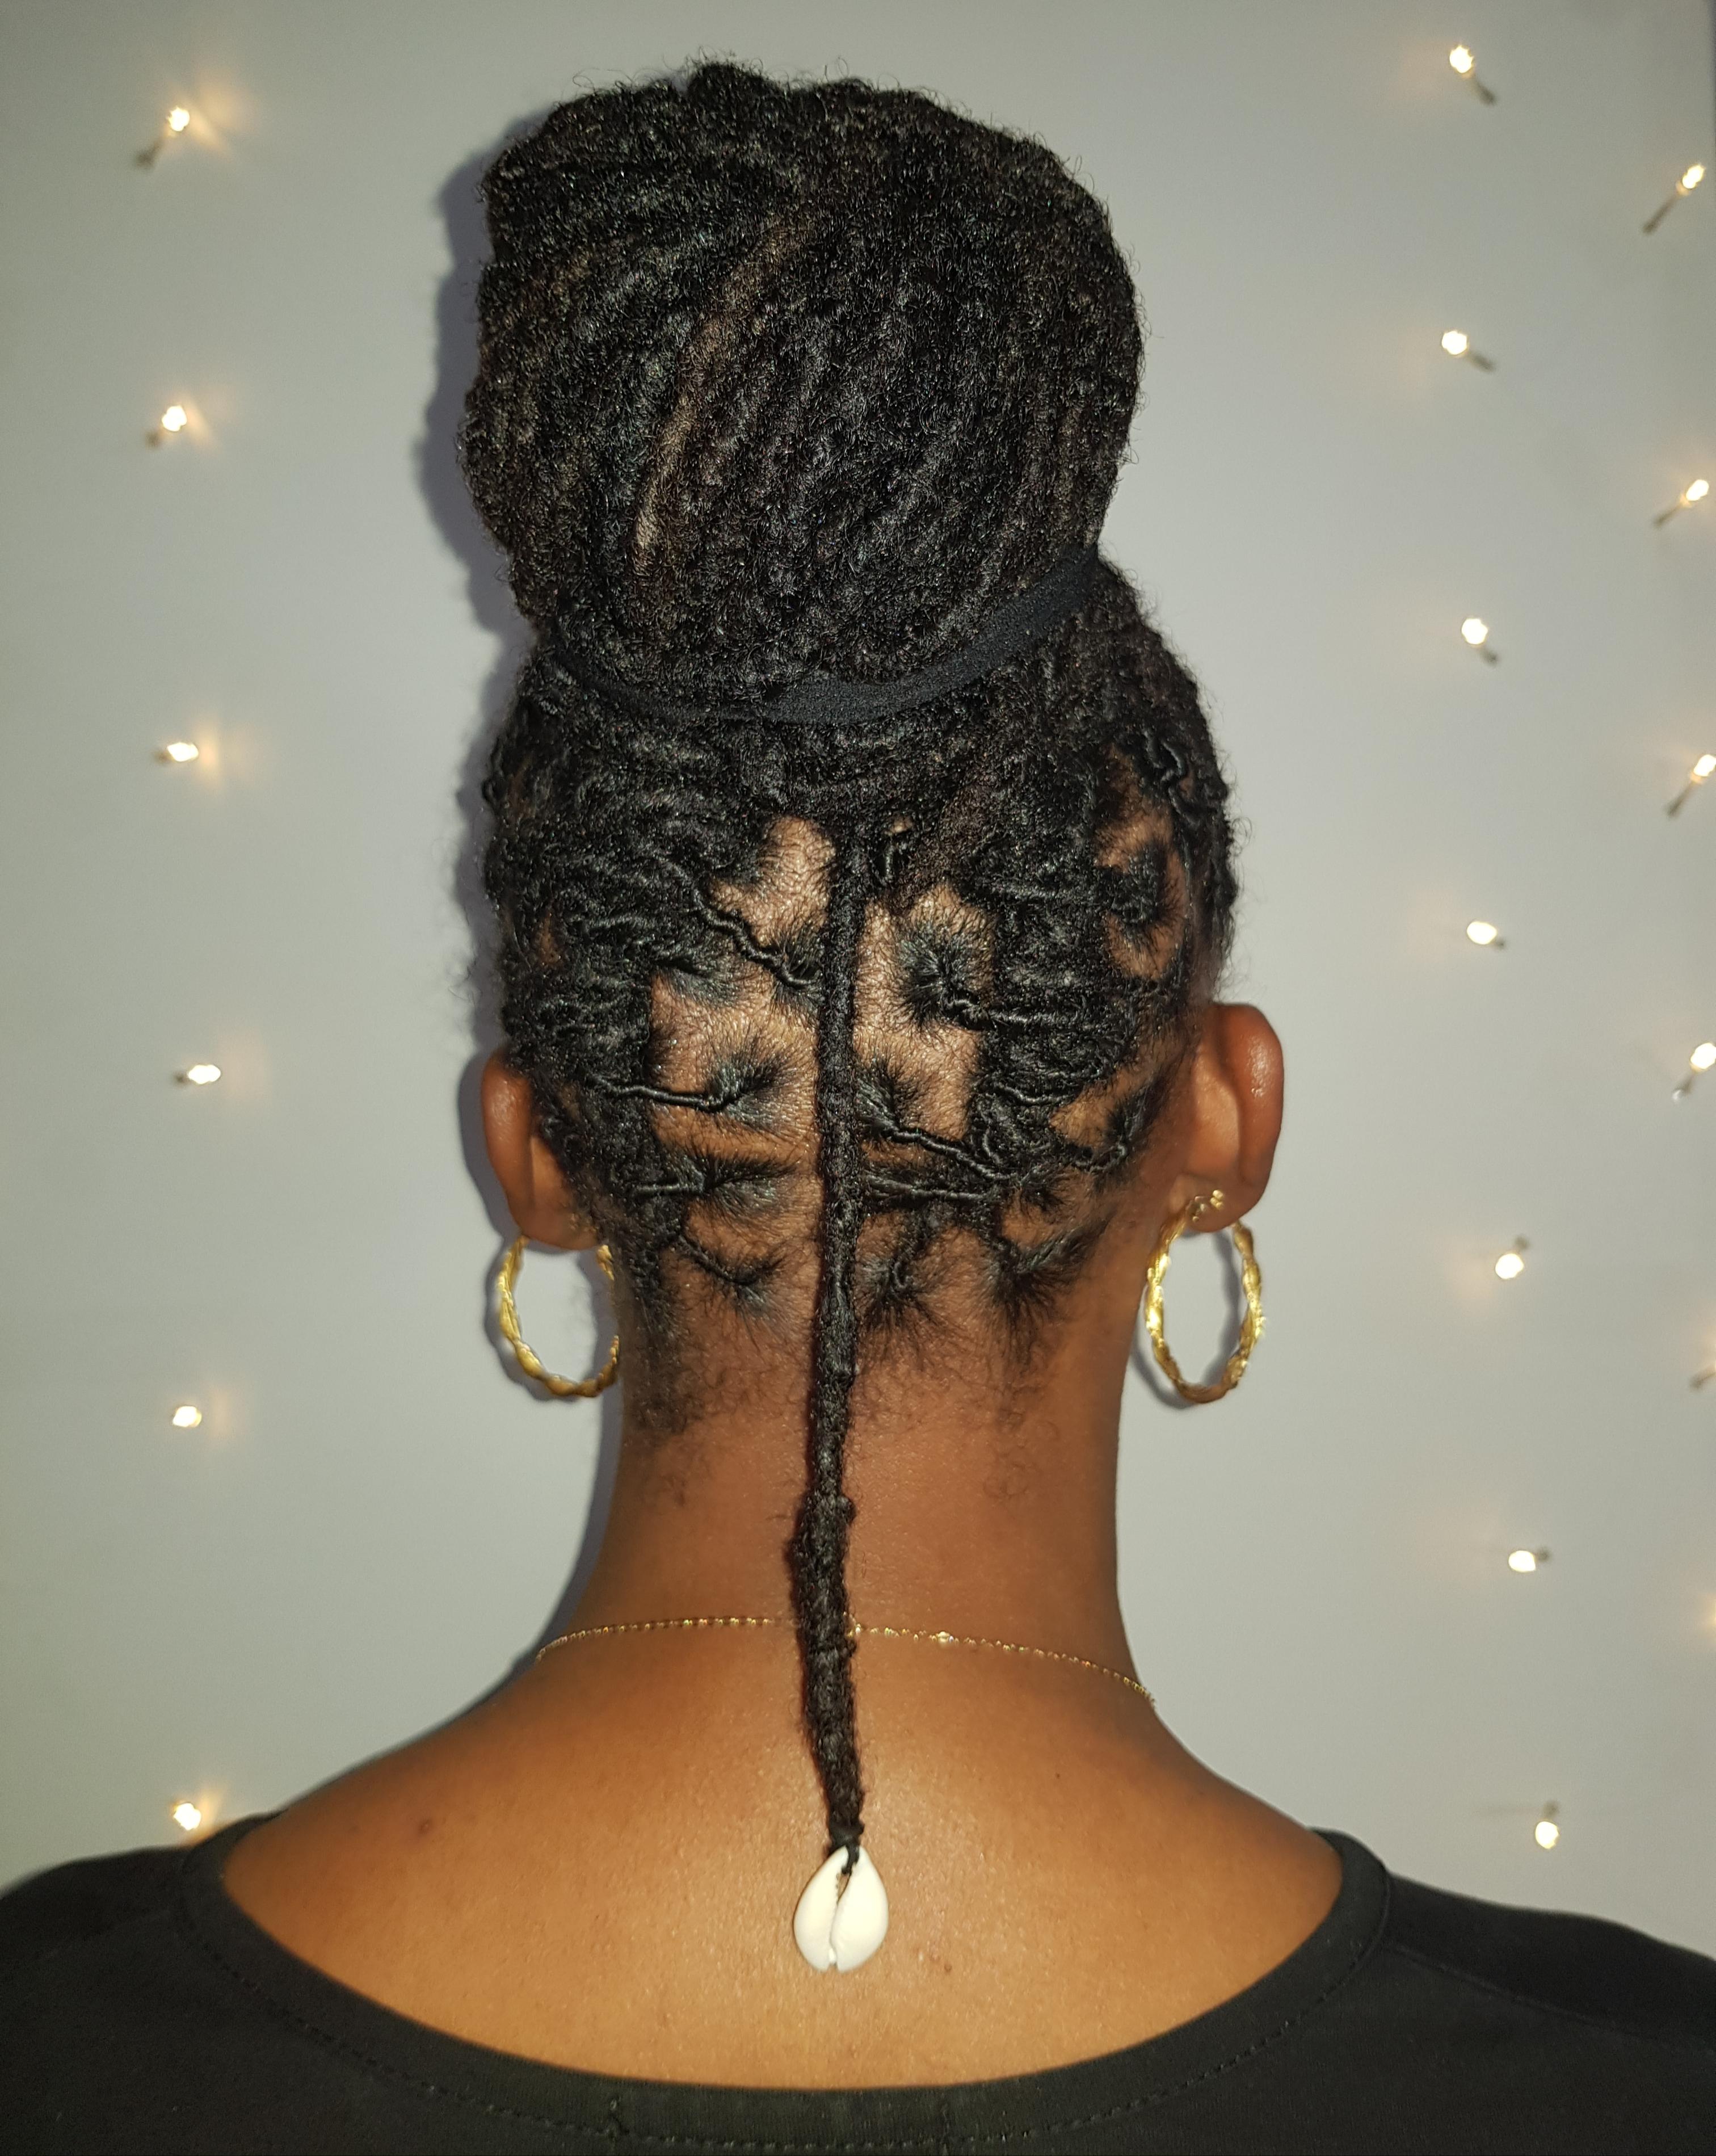 salon de coiffure afro tresse tresses box braids crochet braids vanilles tissages paris 75 77 78 91 92 93 94 95 TXEPZGBM